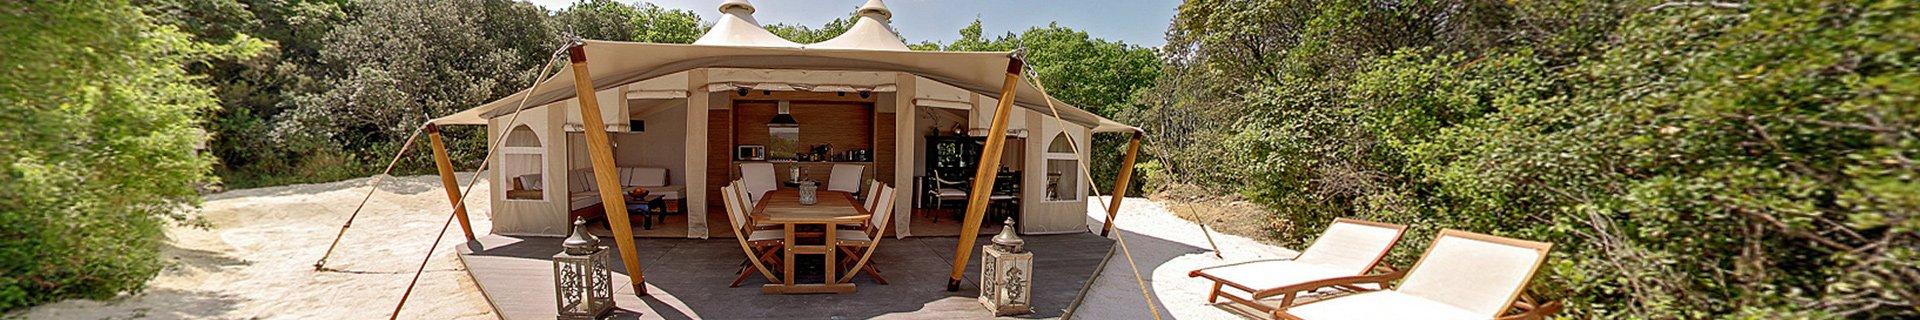 glamping camping mit stil urlaub mit komfort auf dem campingplatz. Black Bedroom Furniture Sets. Home Design Ideas